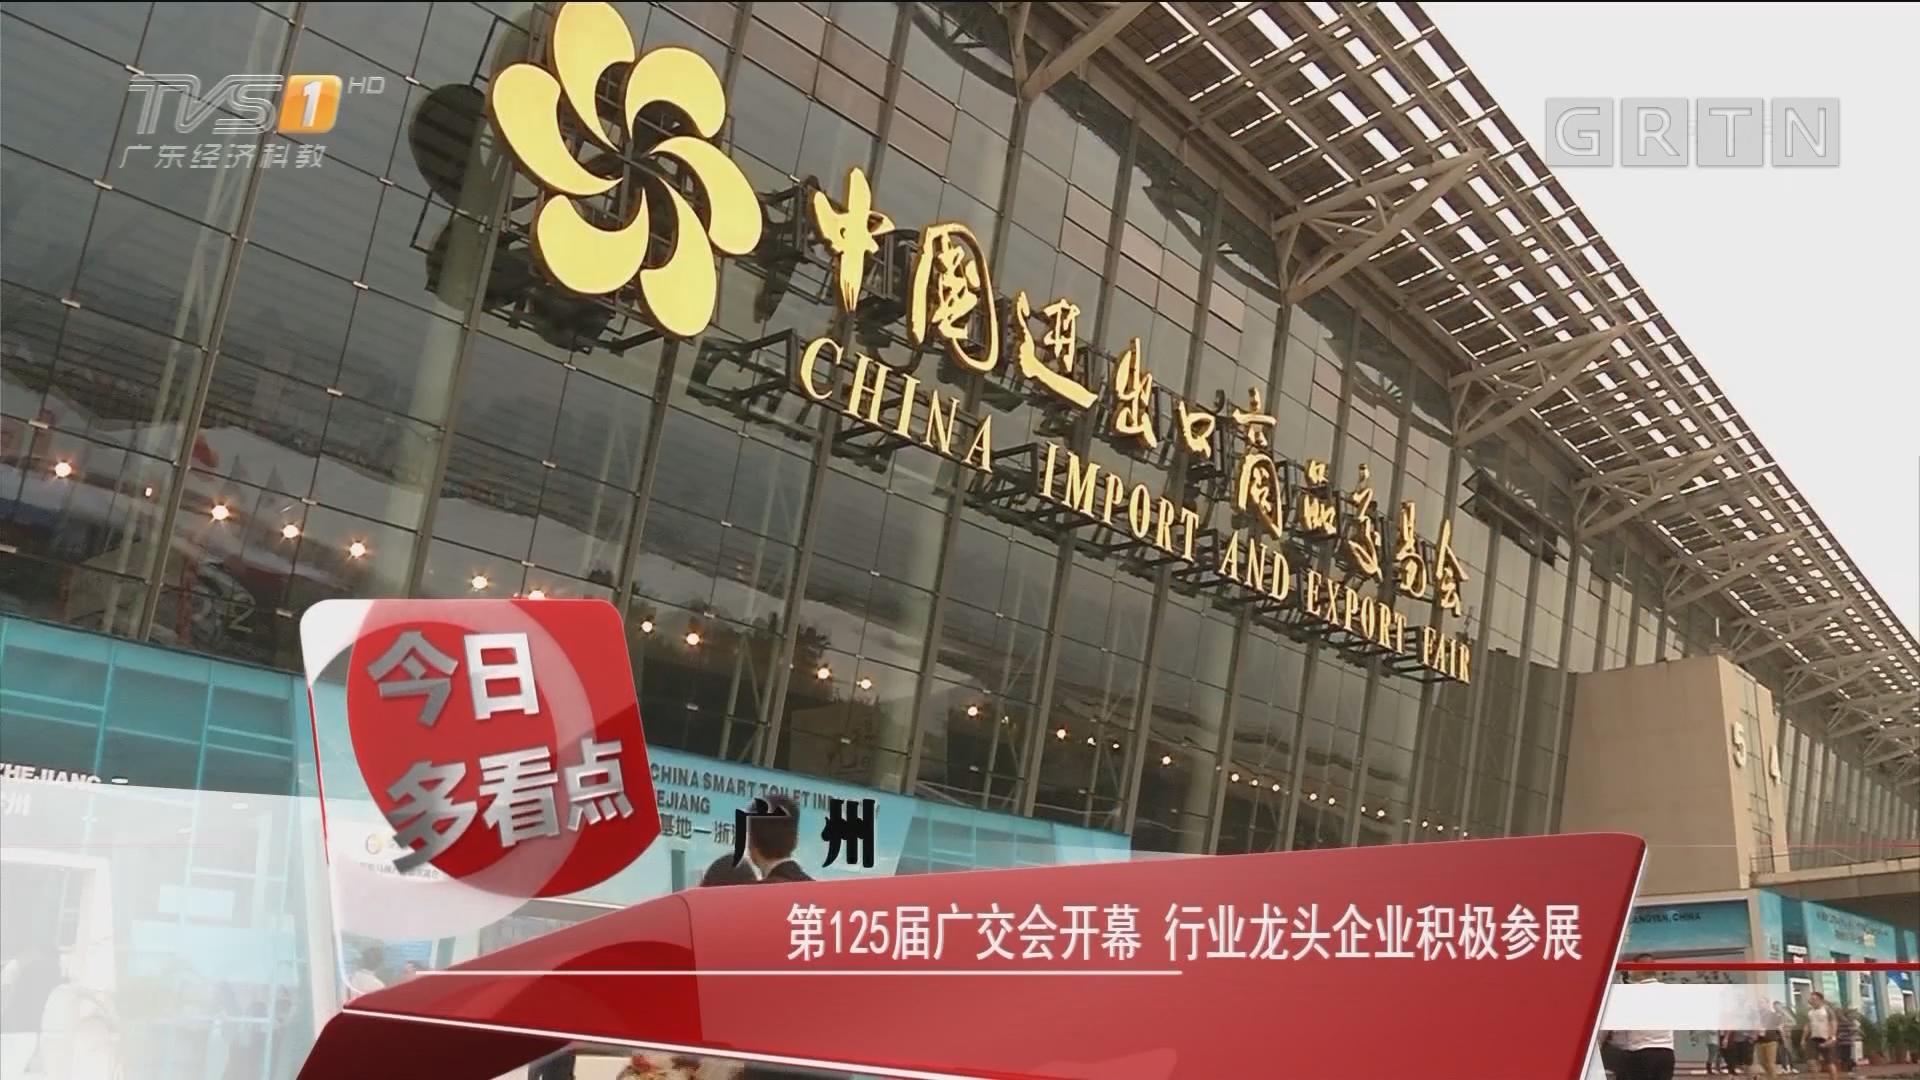 广州:第125届广交会开幕 行业龙头企业积极参展